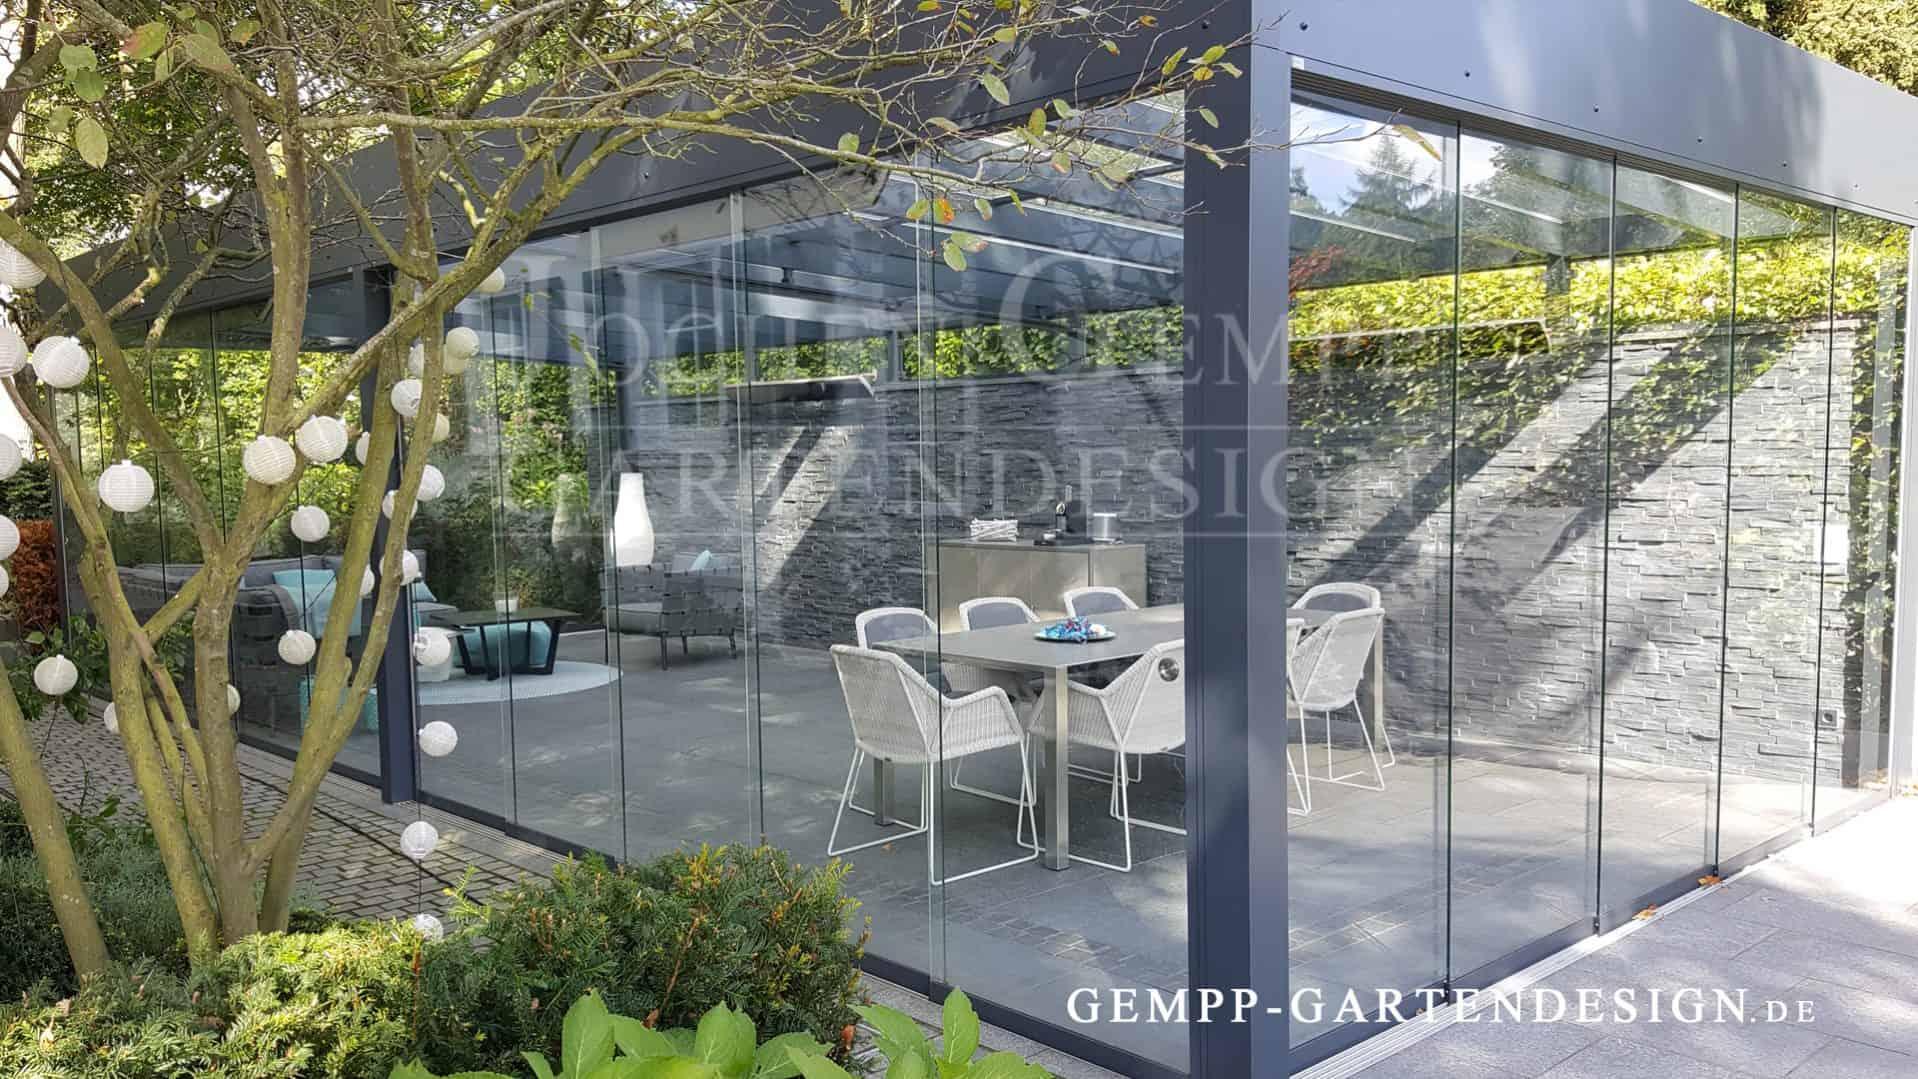 Wunderschön Schöne Terrassen Und Gartengestaltung Das Beste Von Wir Planen Realisieren Moderne, Zeitlos Schöne Gartengestaltungen